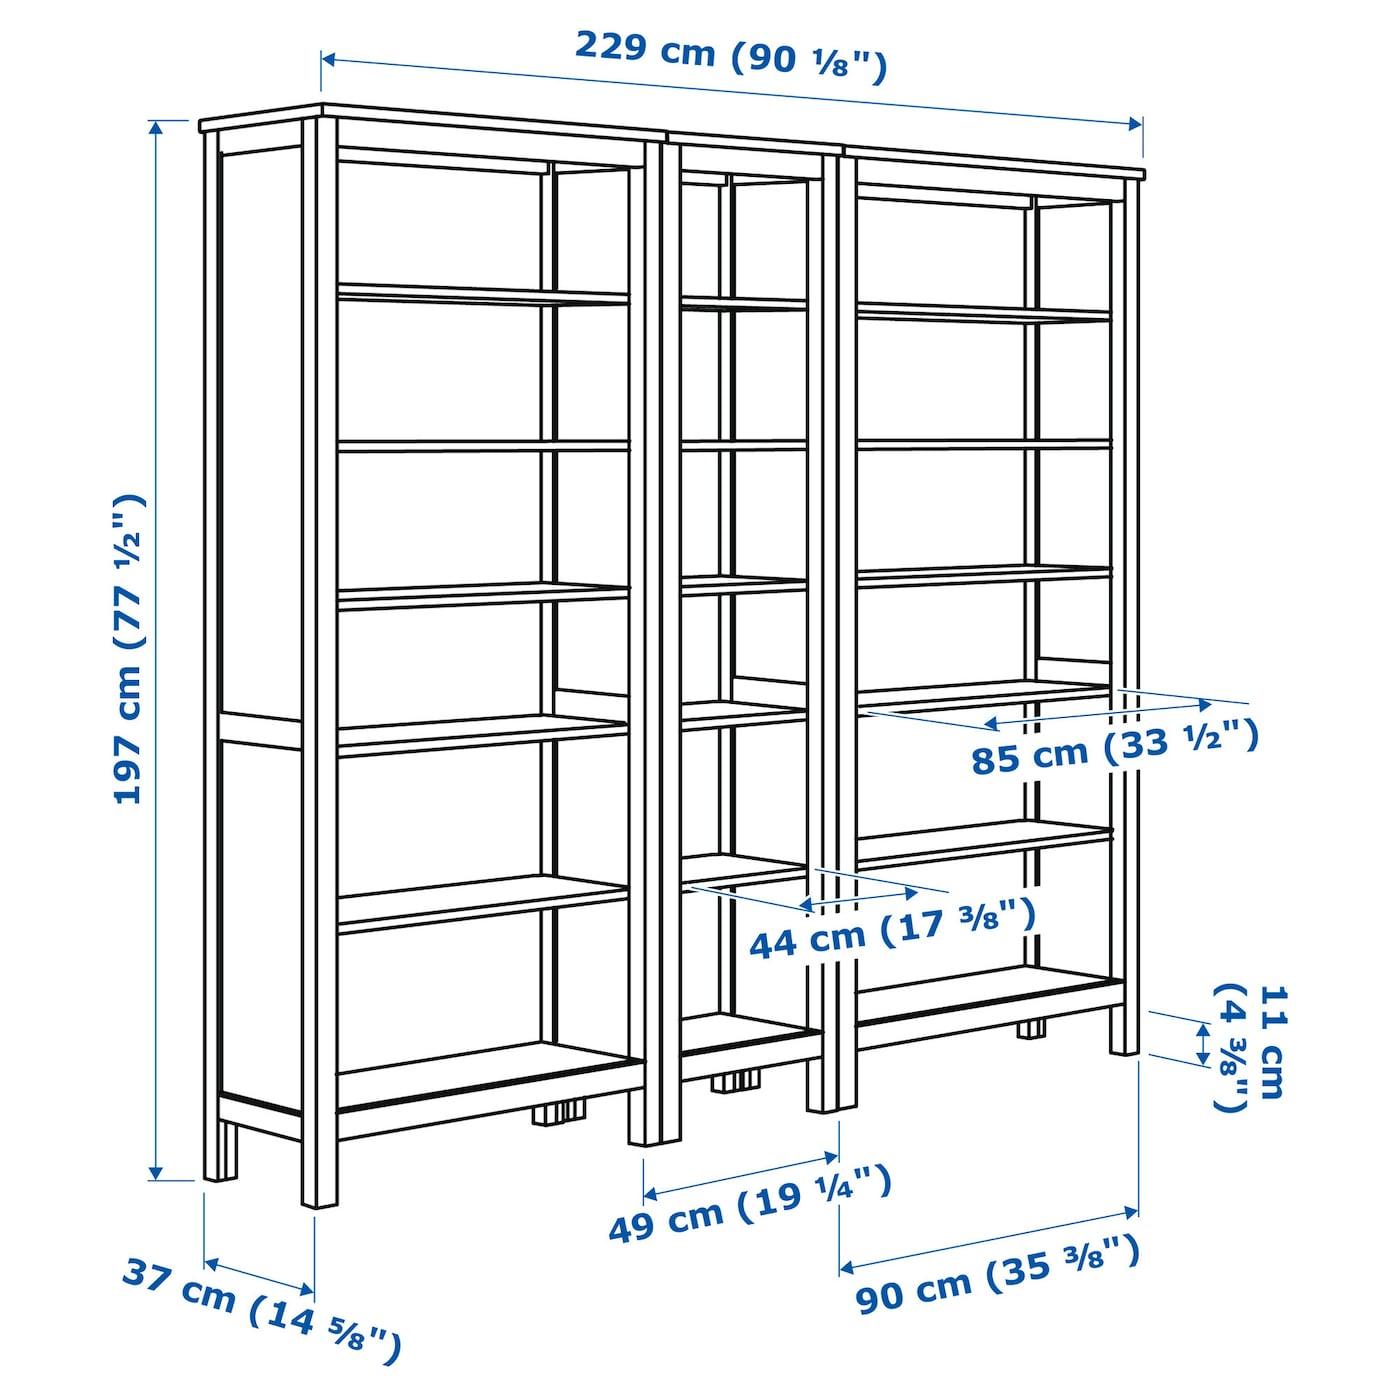 bookcase schematic wiring diagrambookcase schematic wiring diagrambookcase schematic best wiring librarybookcase schematic 13